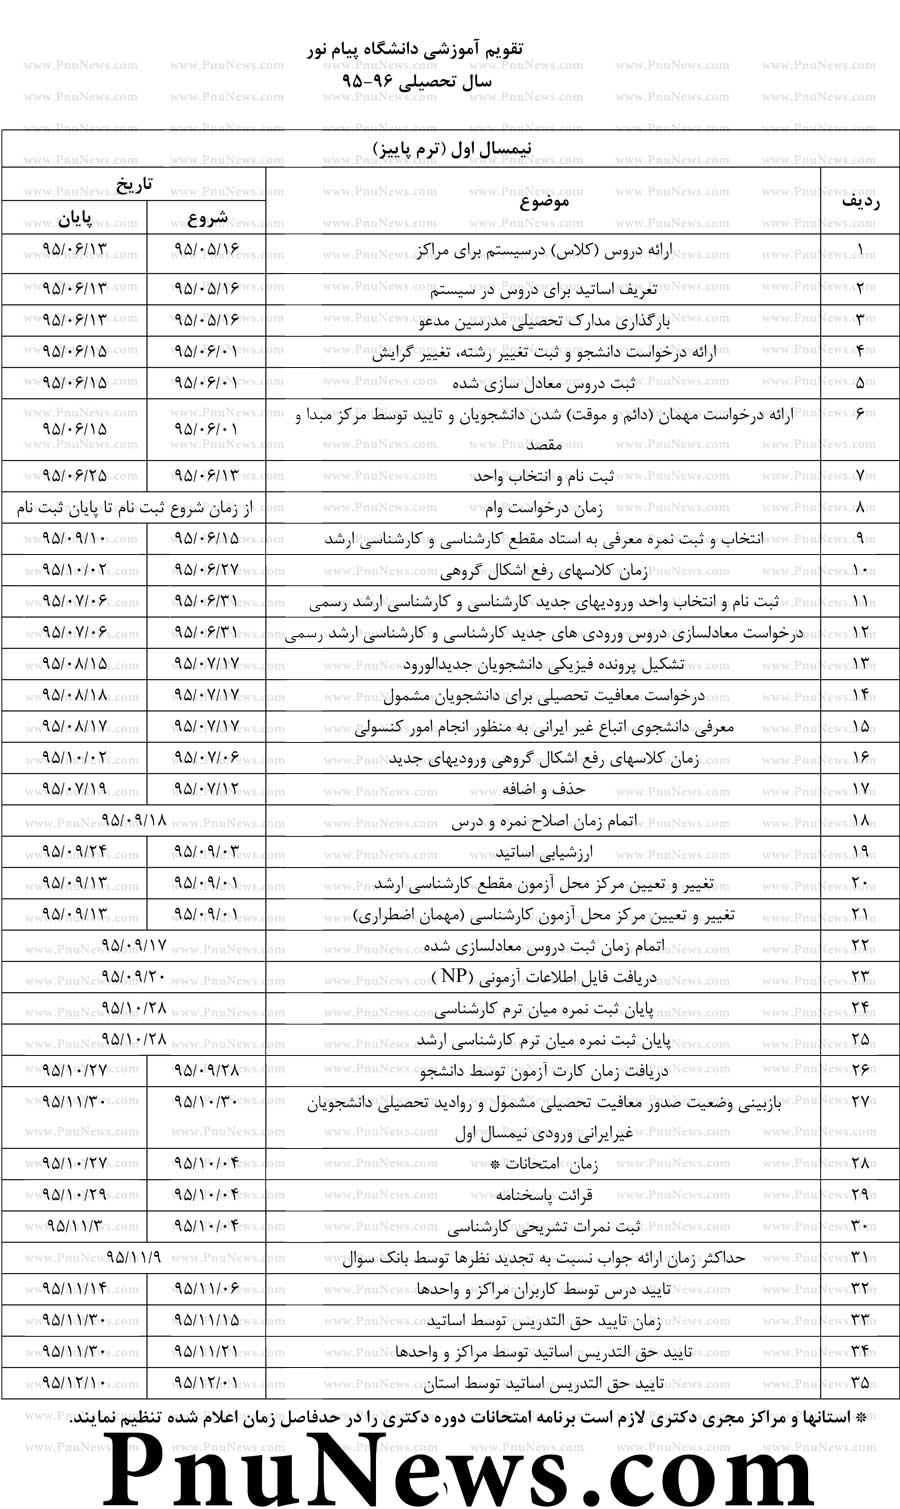 تقویم آموزشی ترم اول دانشگاه پیام نور 96-95